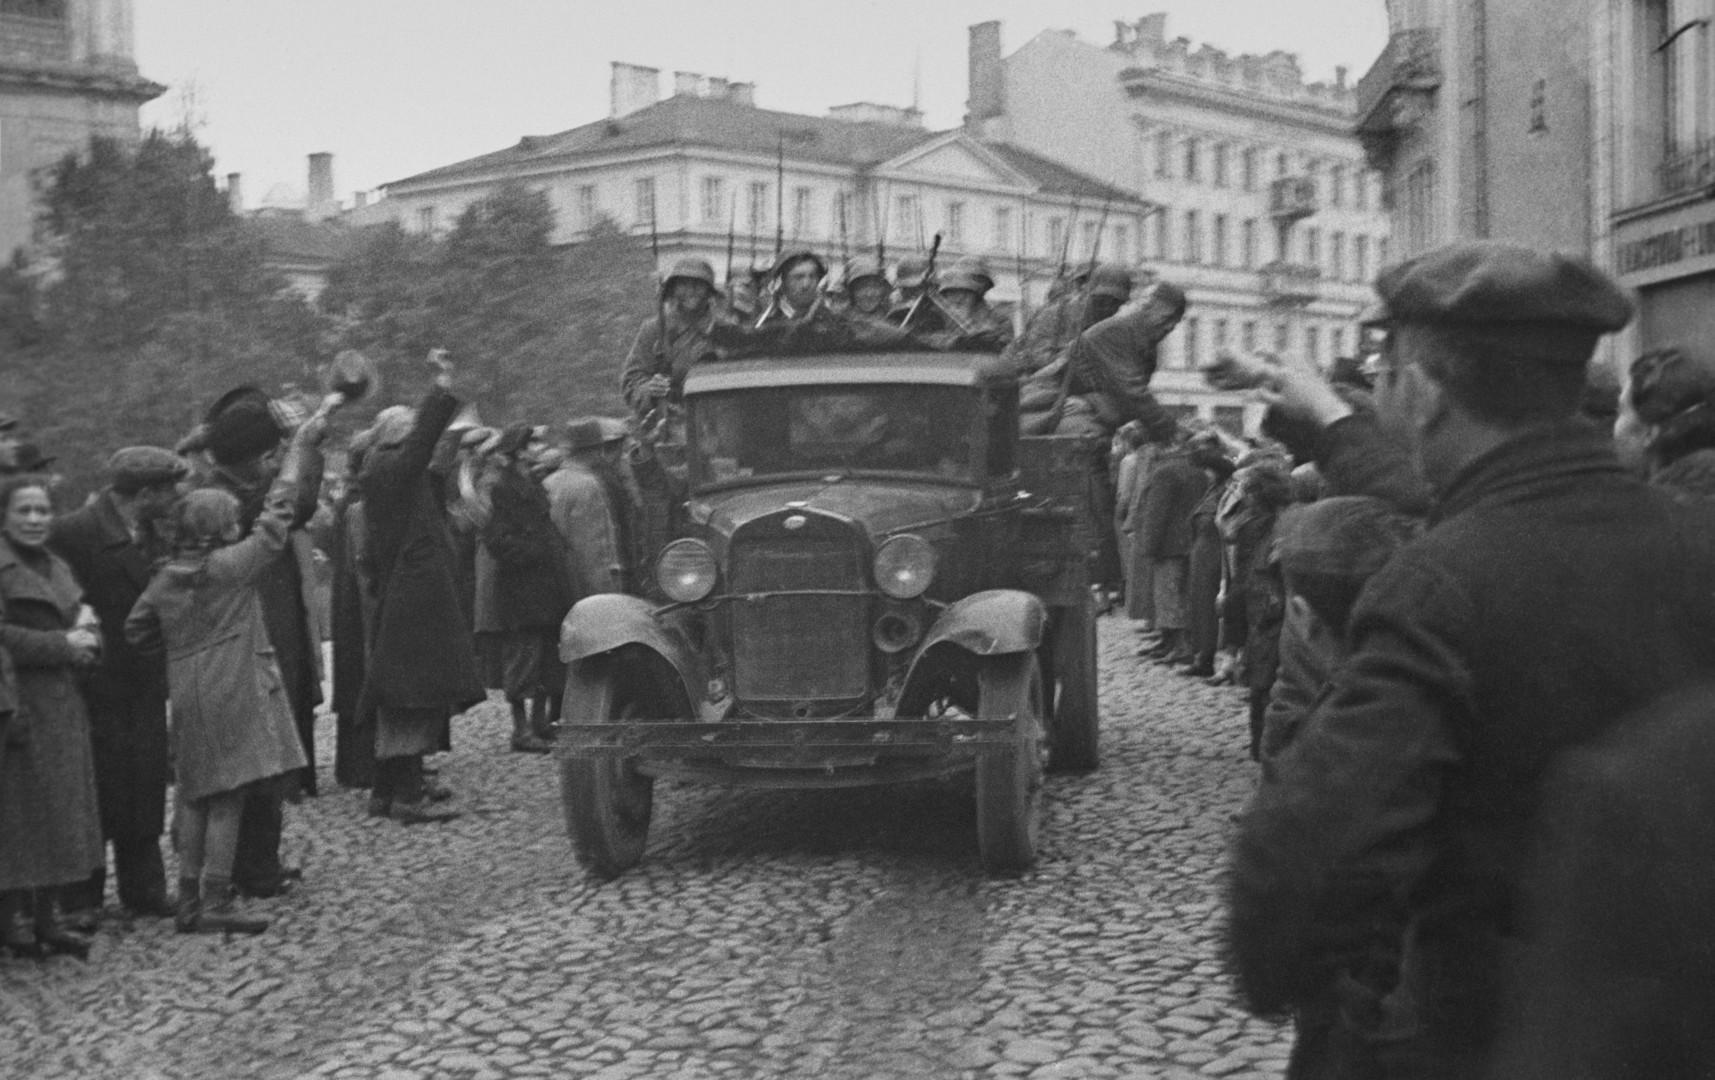 Deutschlandfunk zum Nichtangriffspakt 1939: Beiläufige Fehler oder Geschichtsfälschung?